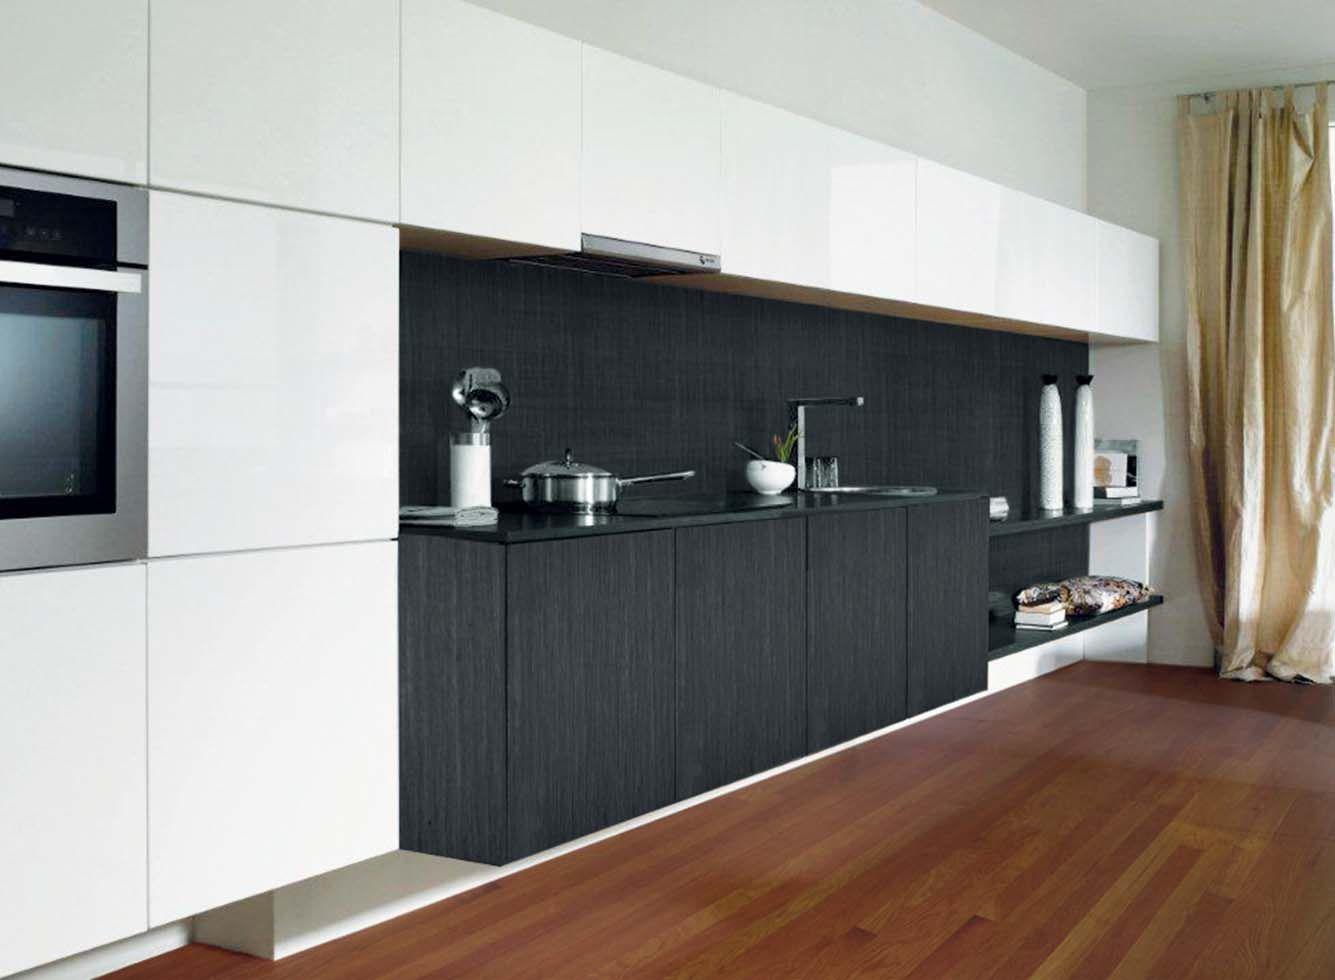 Cocina 71 cocinas capis dise o y fabricaci n de cocinas for Configurador cocinas